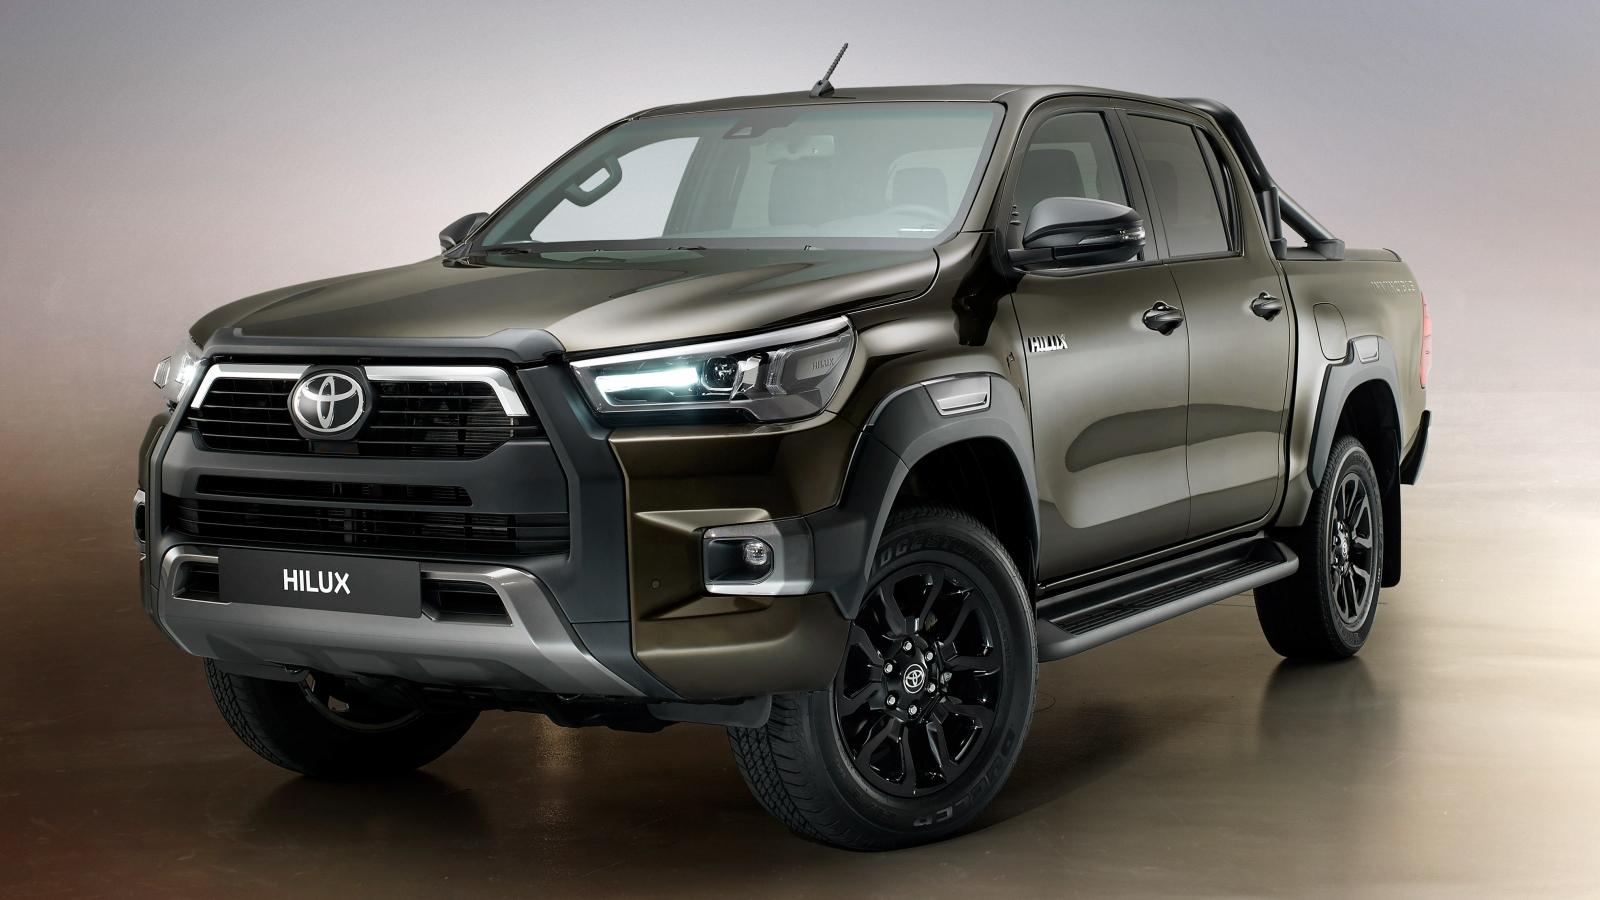 Toyota Hilux 2020 nâng cấp có thiết kế và động cơ thay đổi